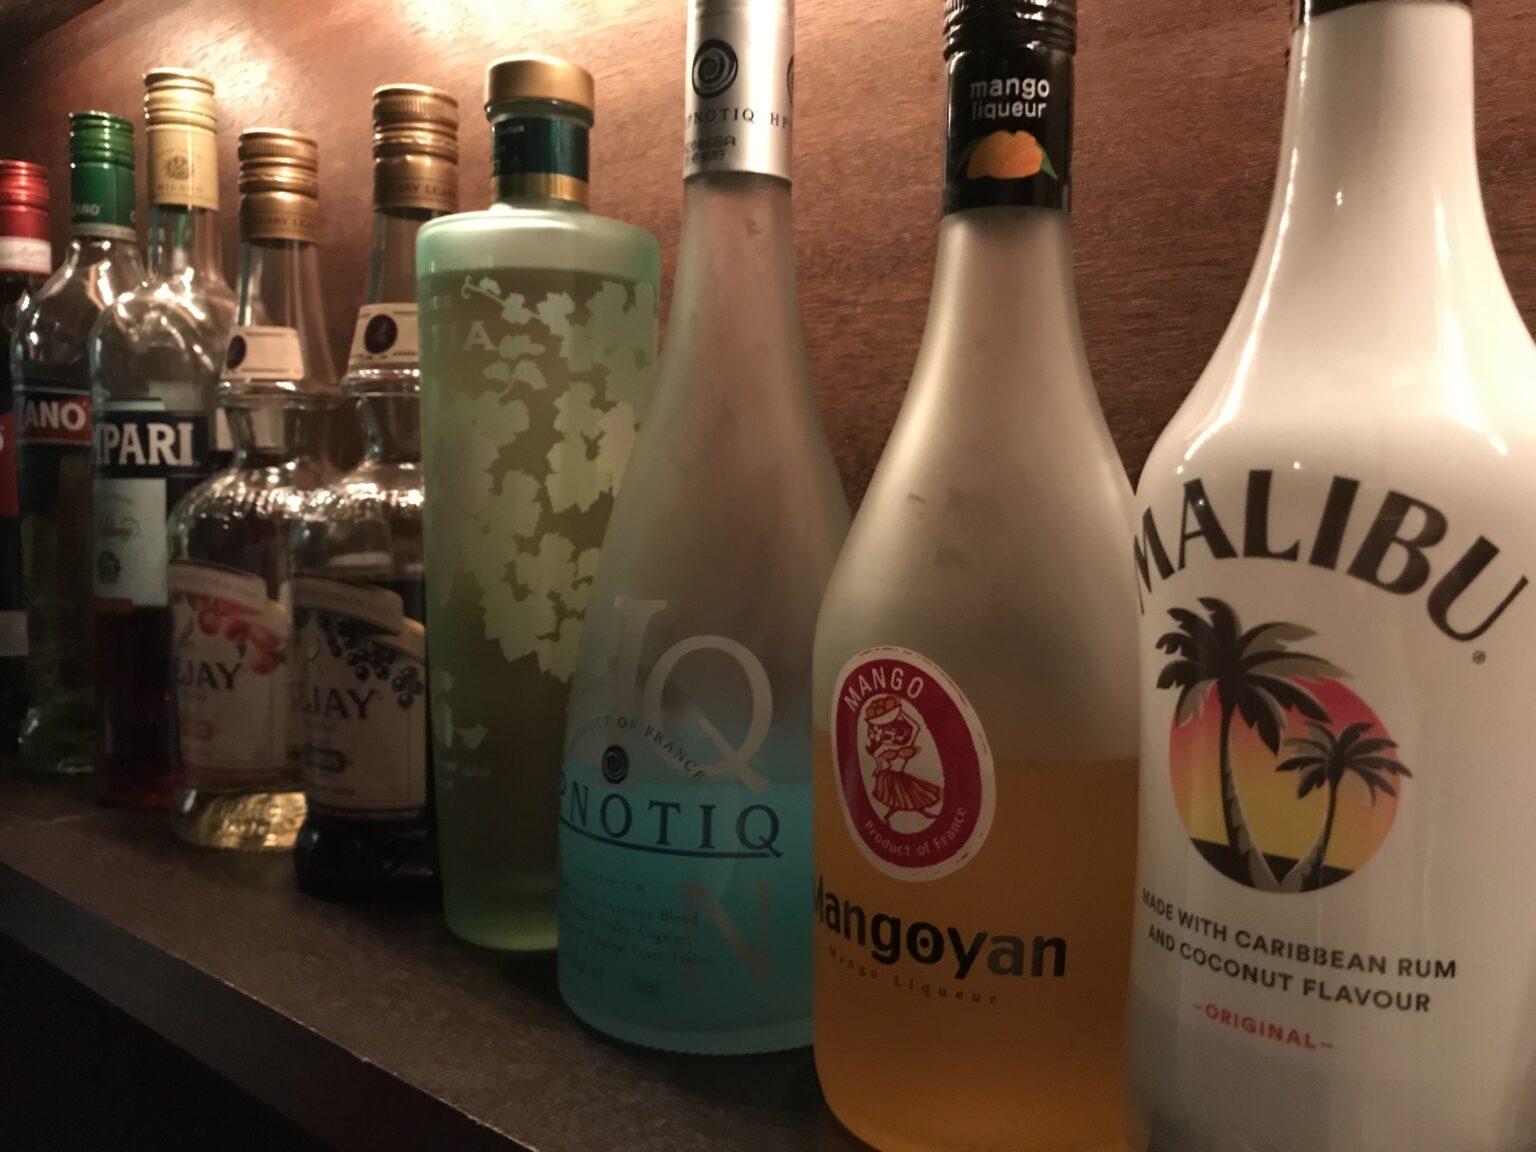 宅飲みにおすすめのリキュール10選【お酒好き必見のカクテルの作り方も紹介】